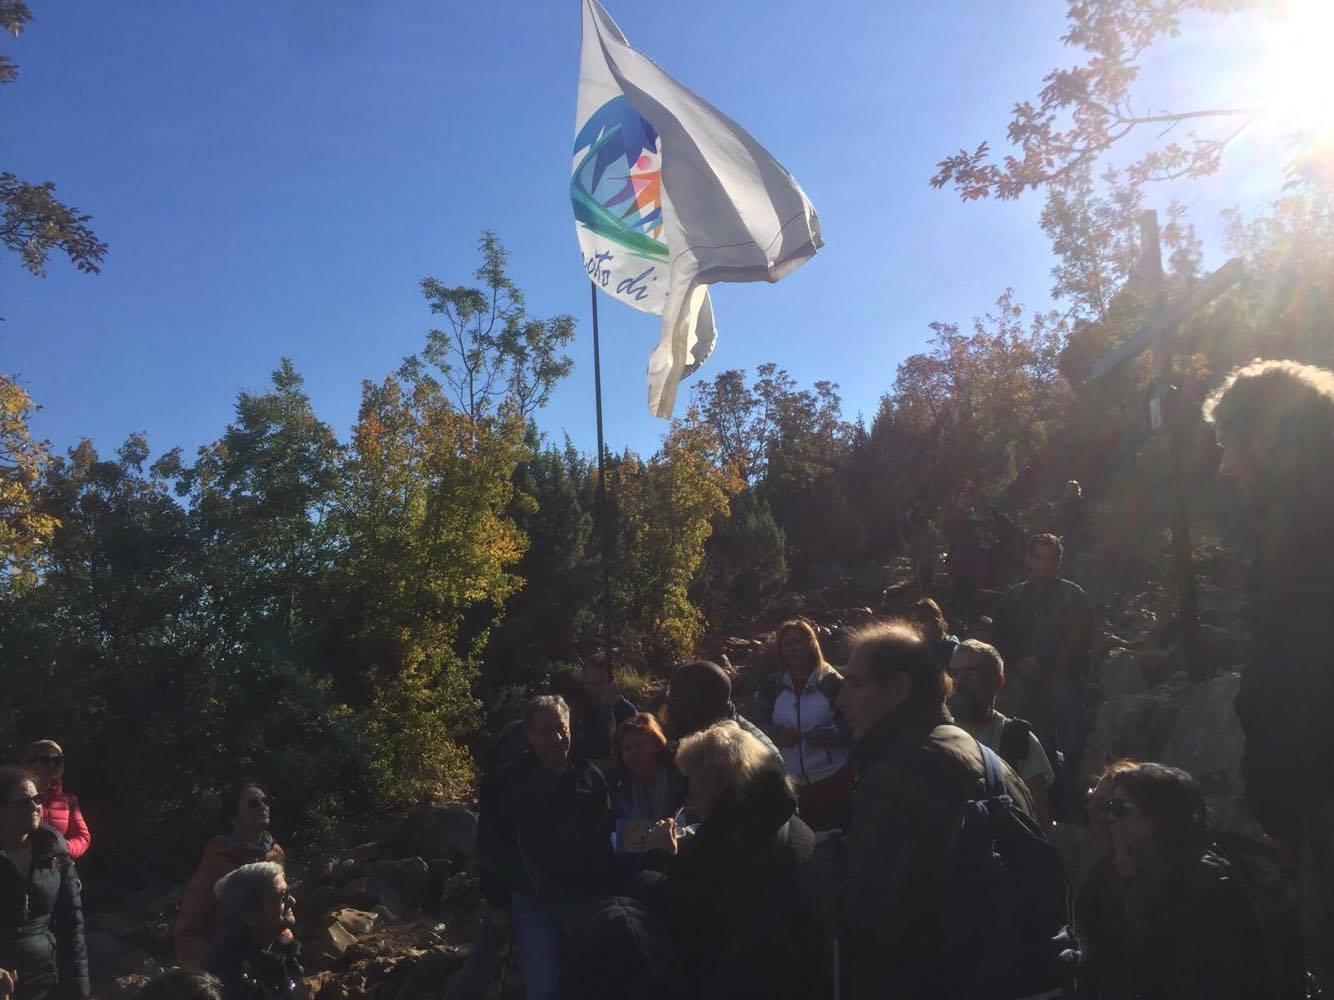 Pellegrinaggio Medjugorje 29 novembre – 3 dicembre 2018